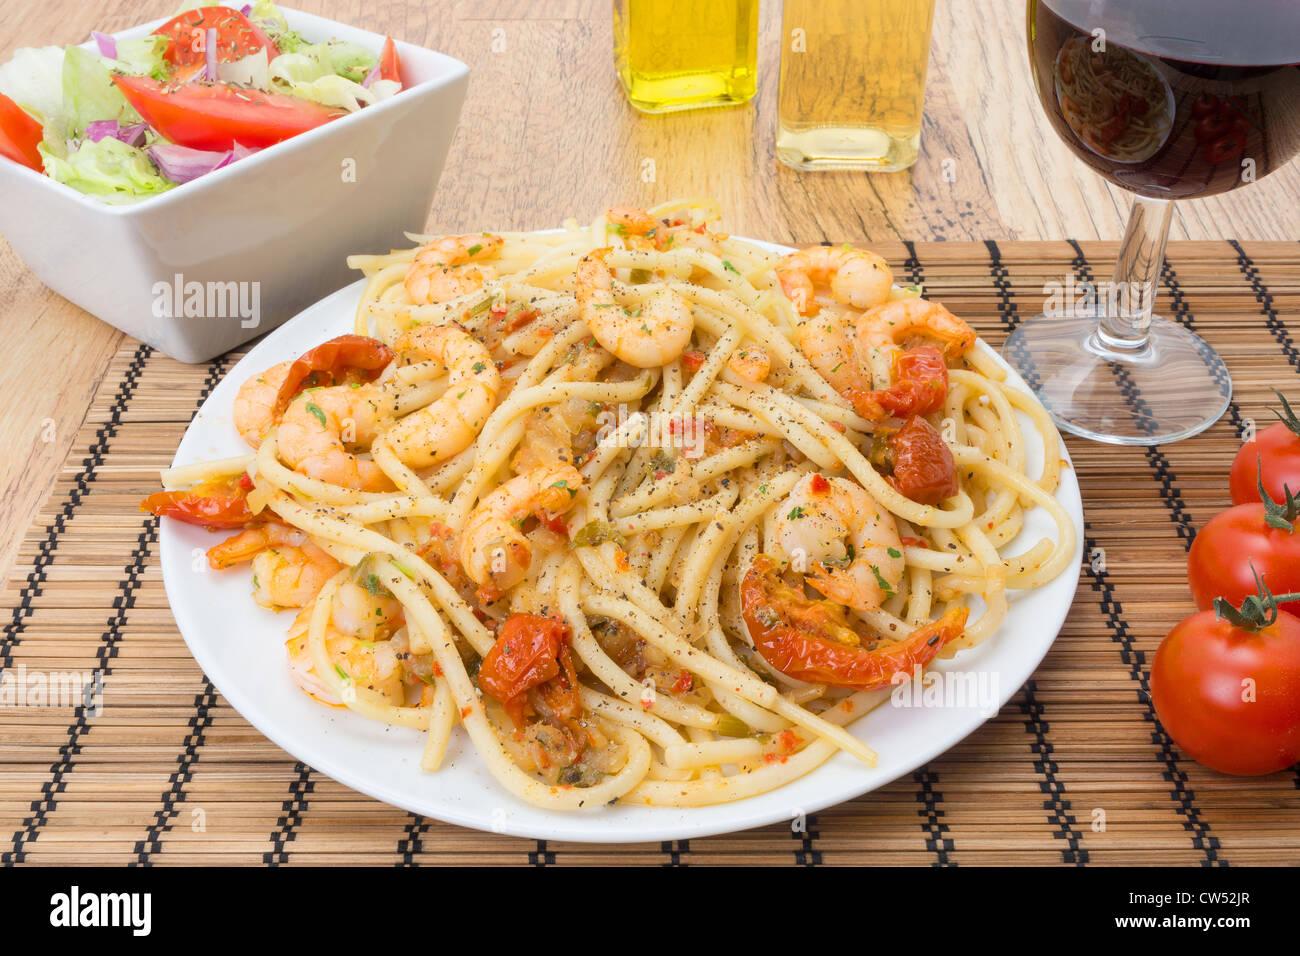 Grosses crevettes jetés par les pâtes bucatini et garni de tomates séchées au soleil - studio Photo Stock